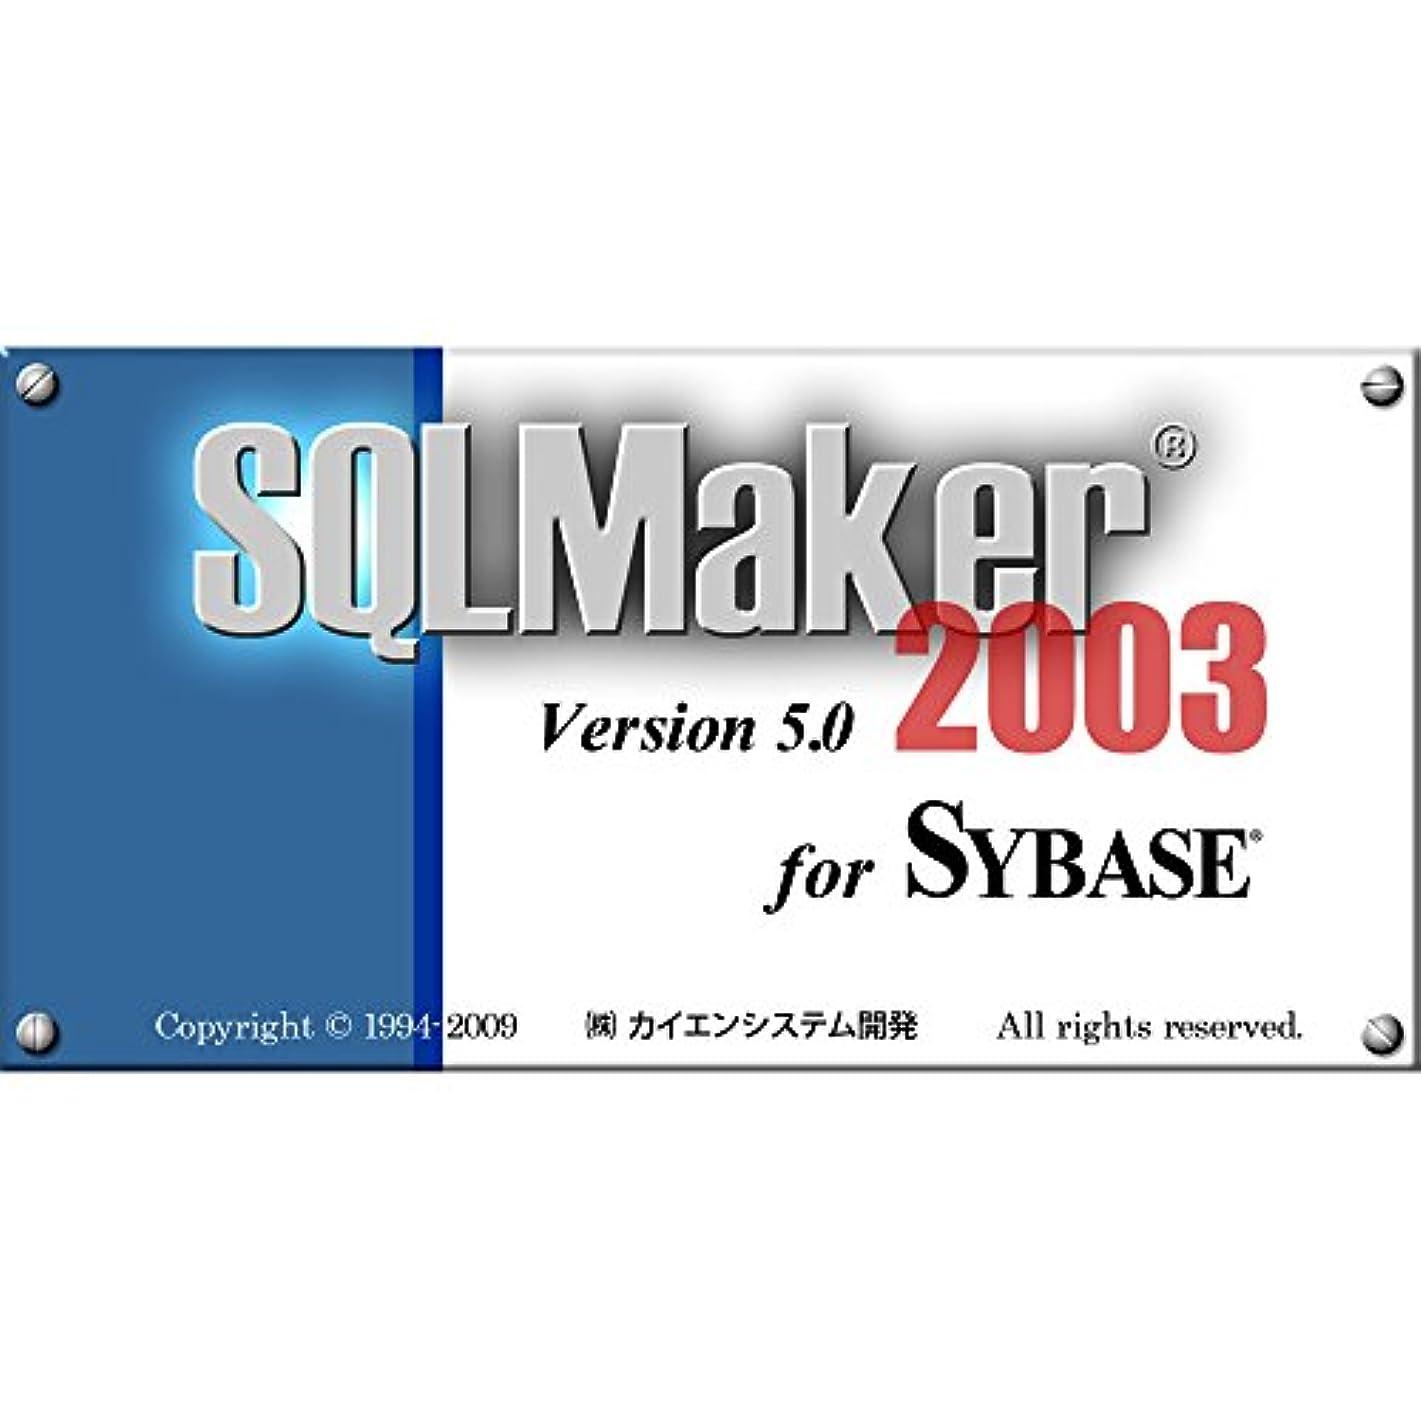 慣れている国旗戦艦SQLMaker2003 for Sybase (CDマスターパッケージ)